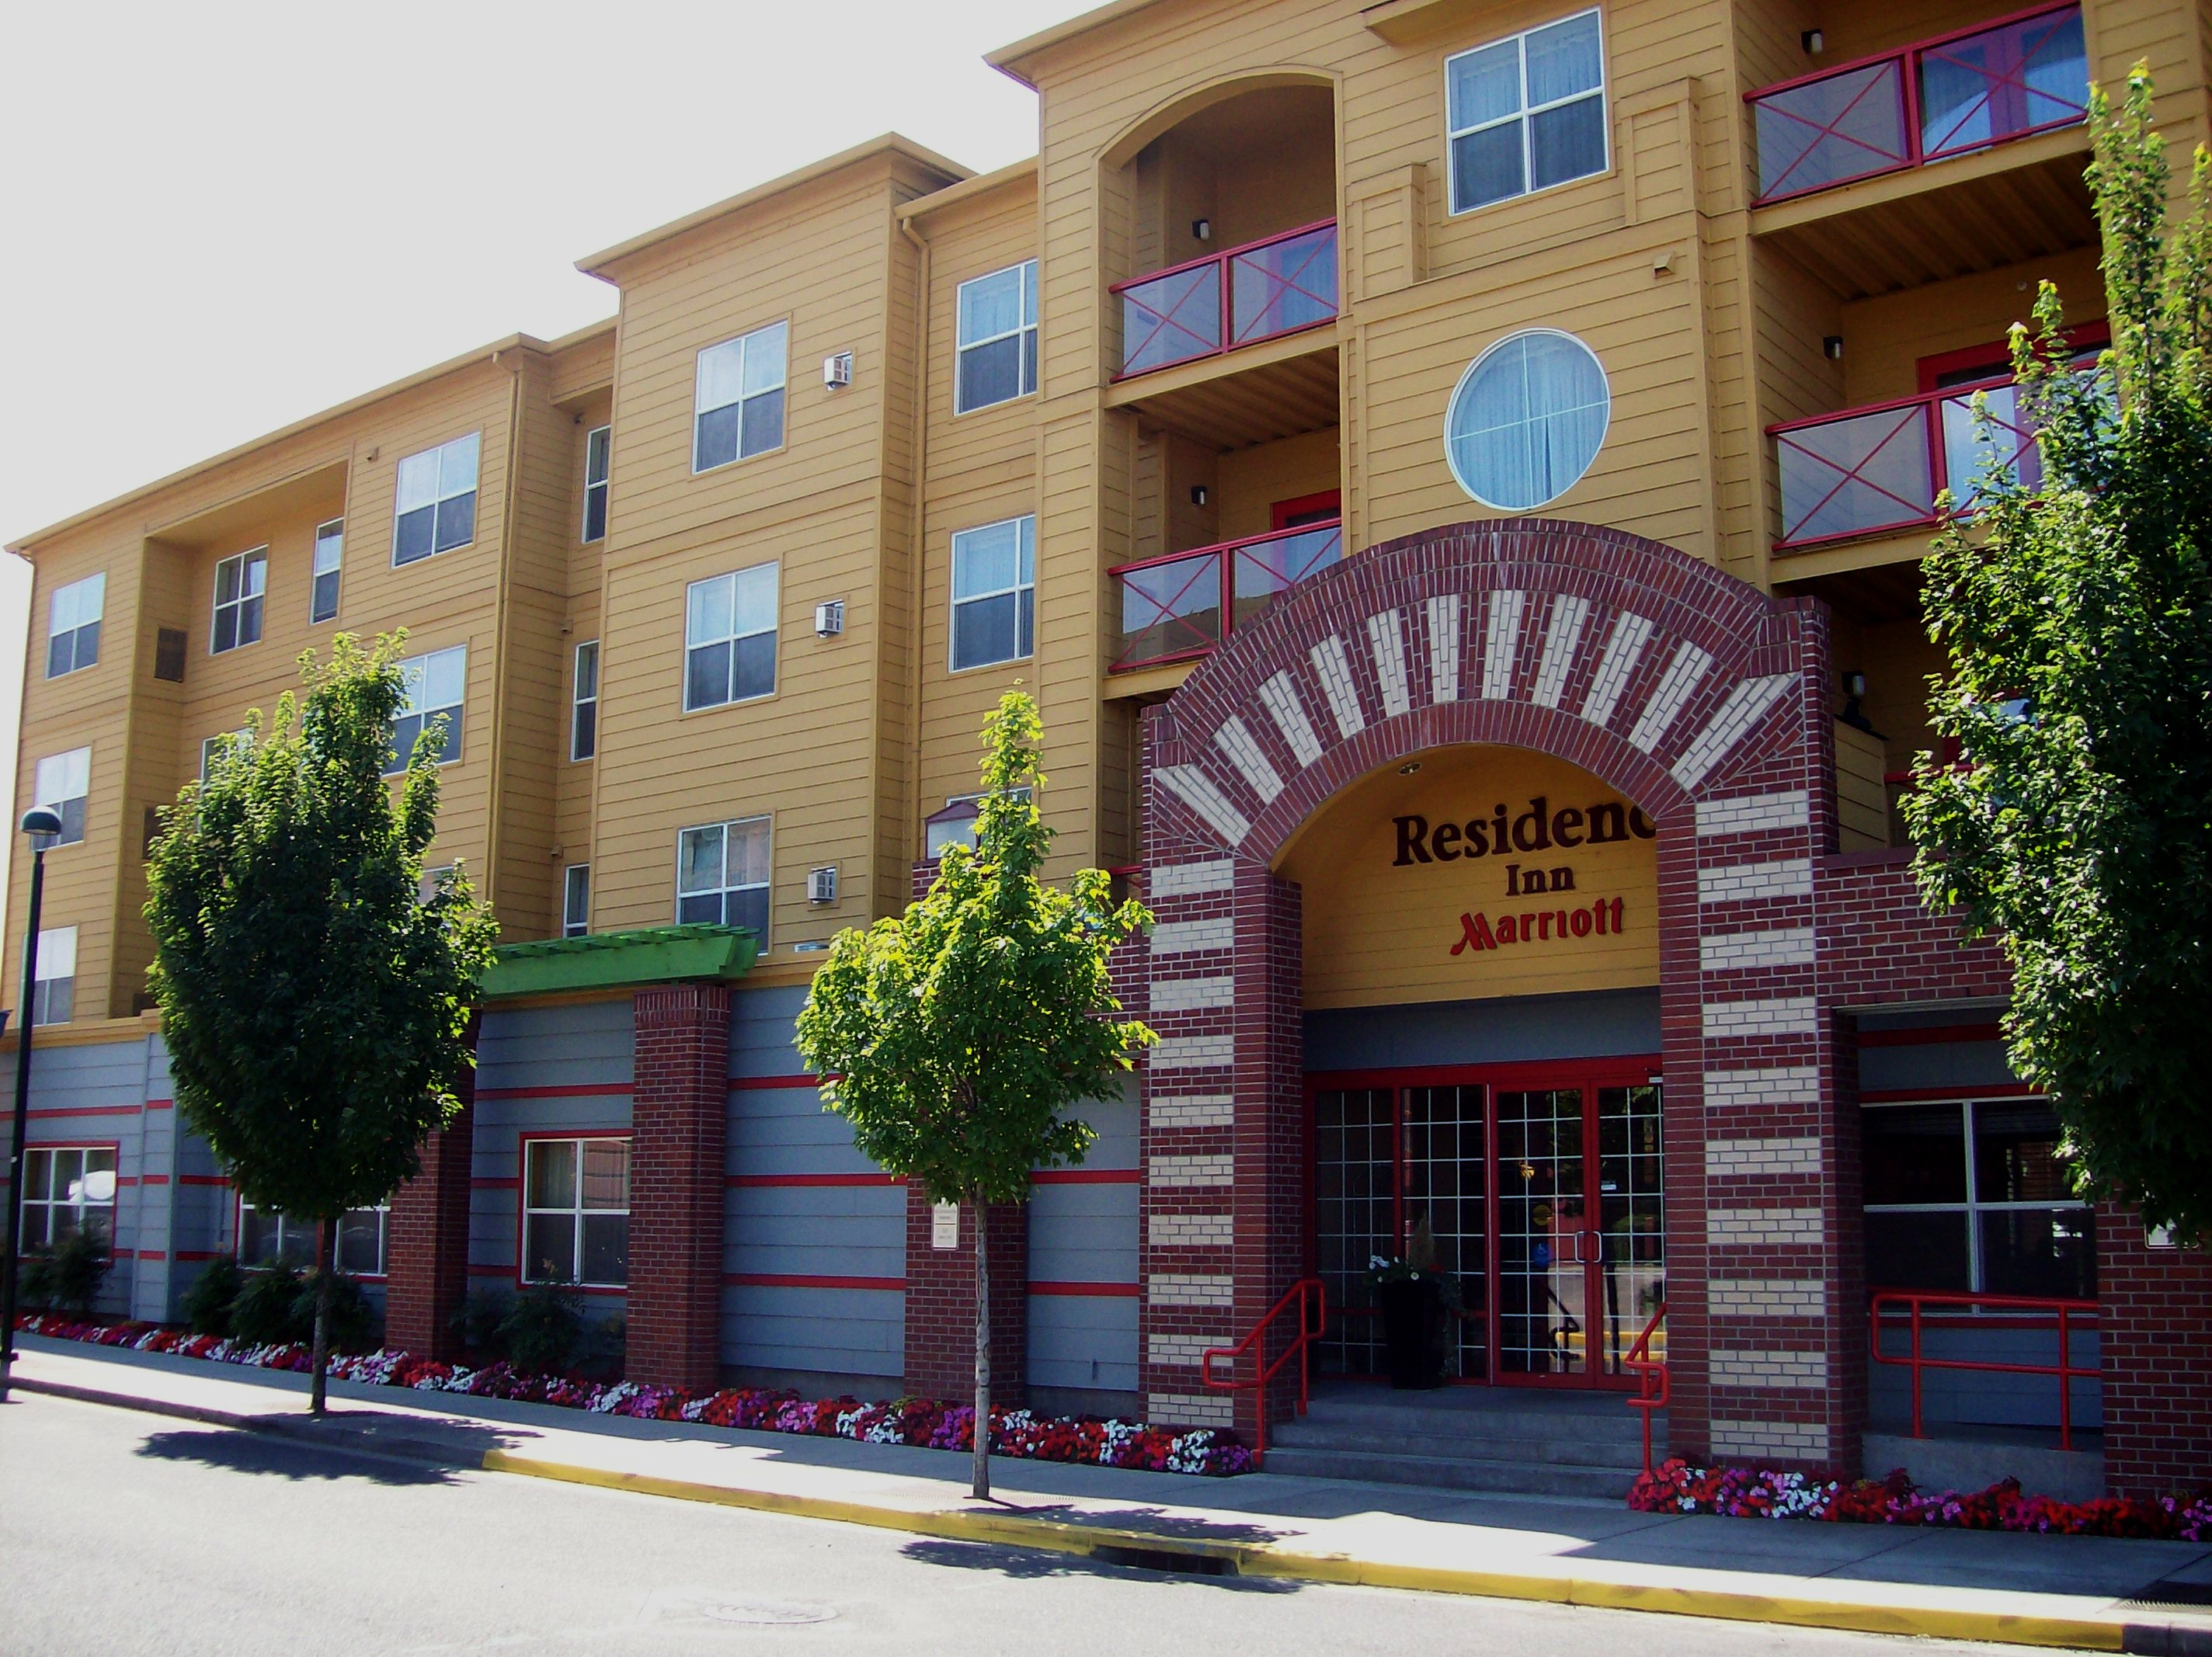 Hotels Near Portland Expo Center